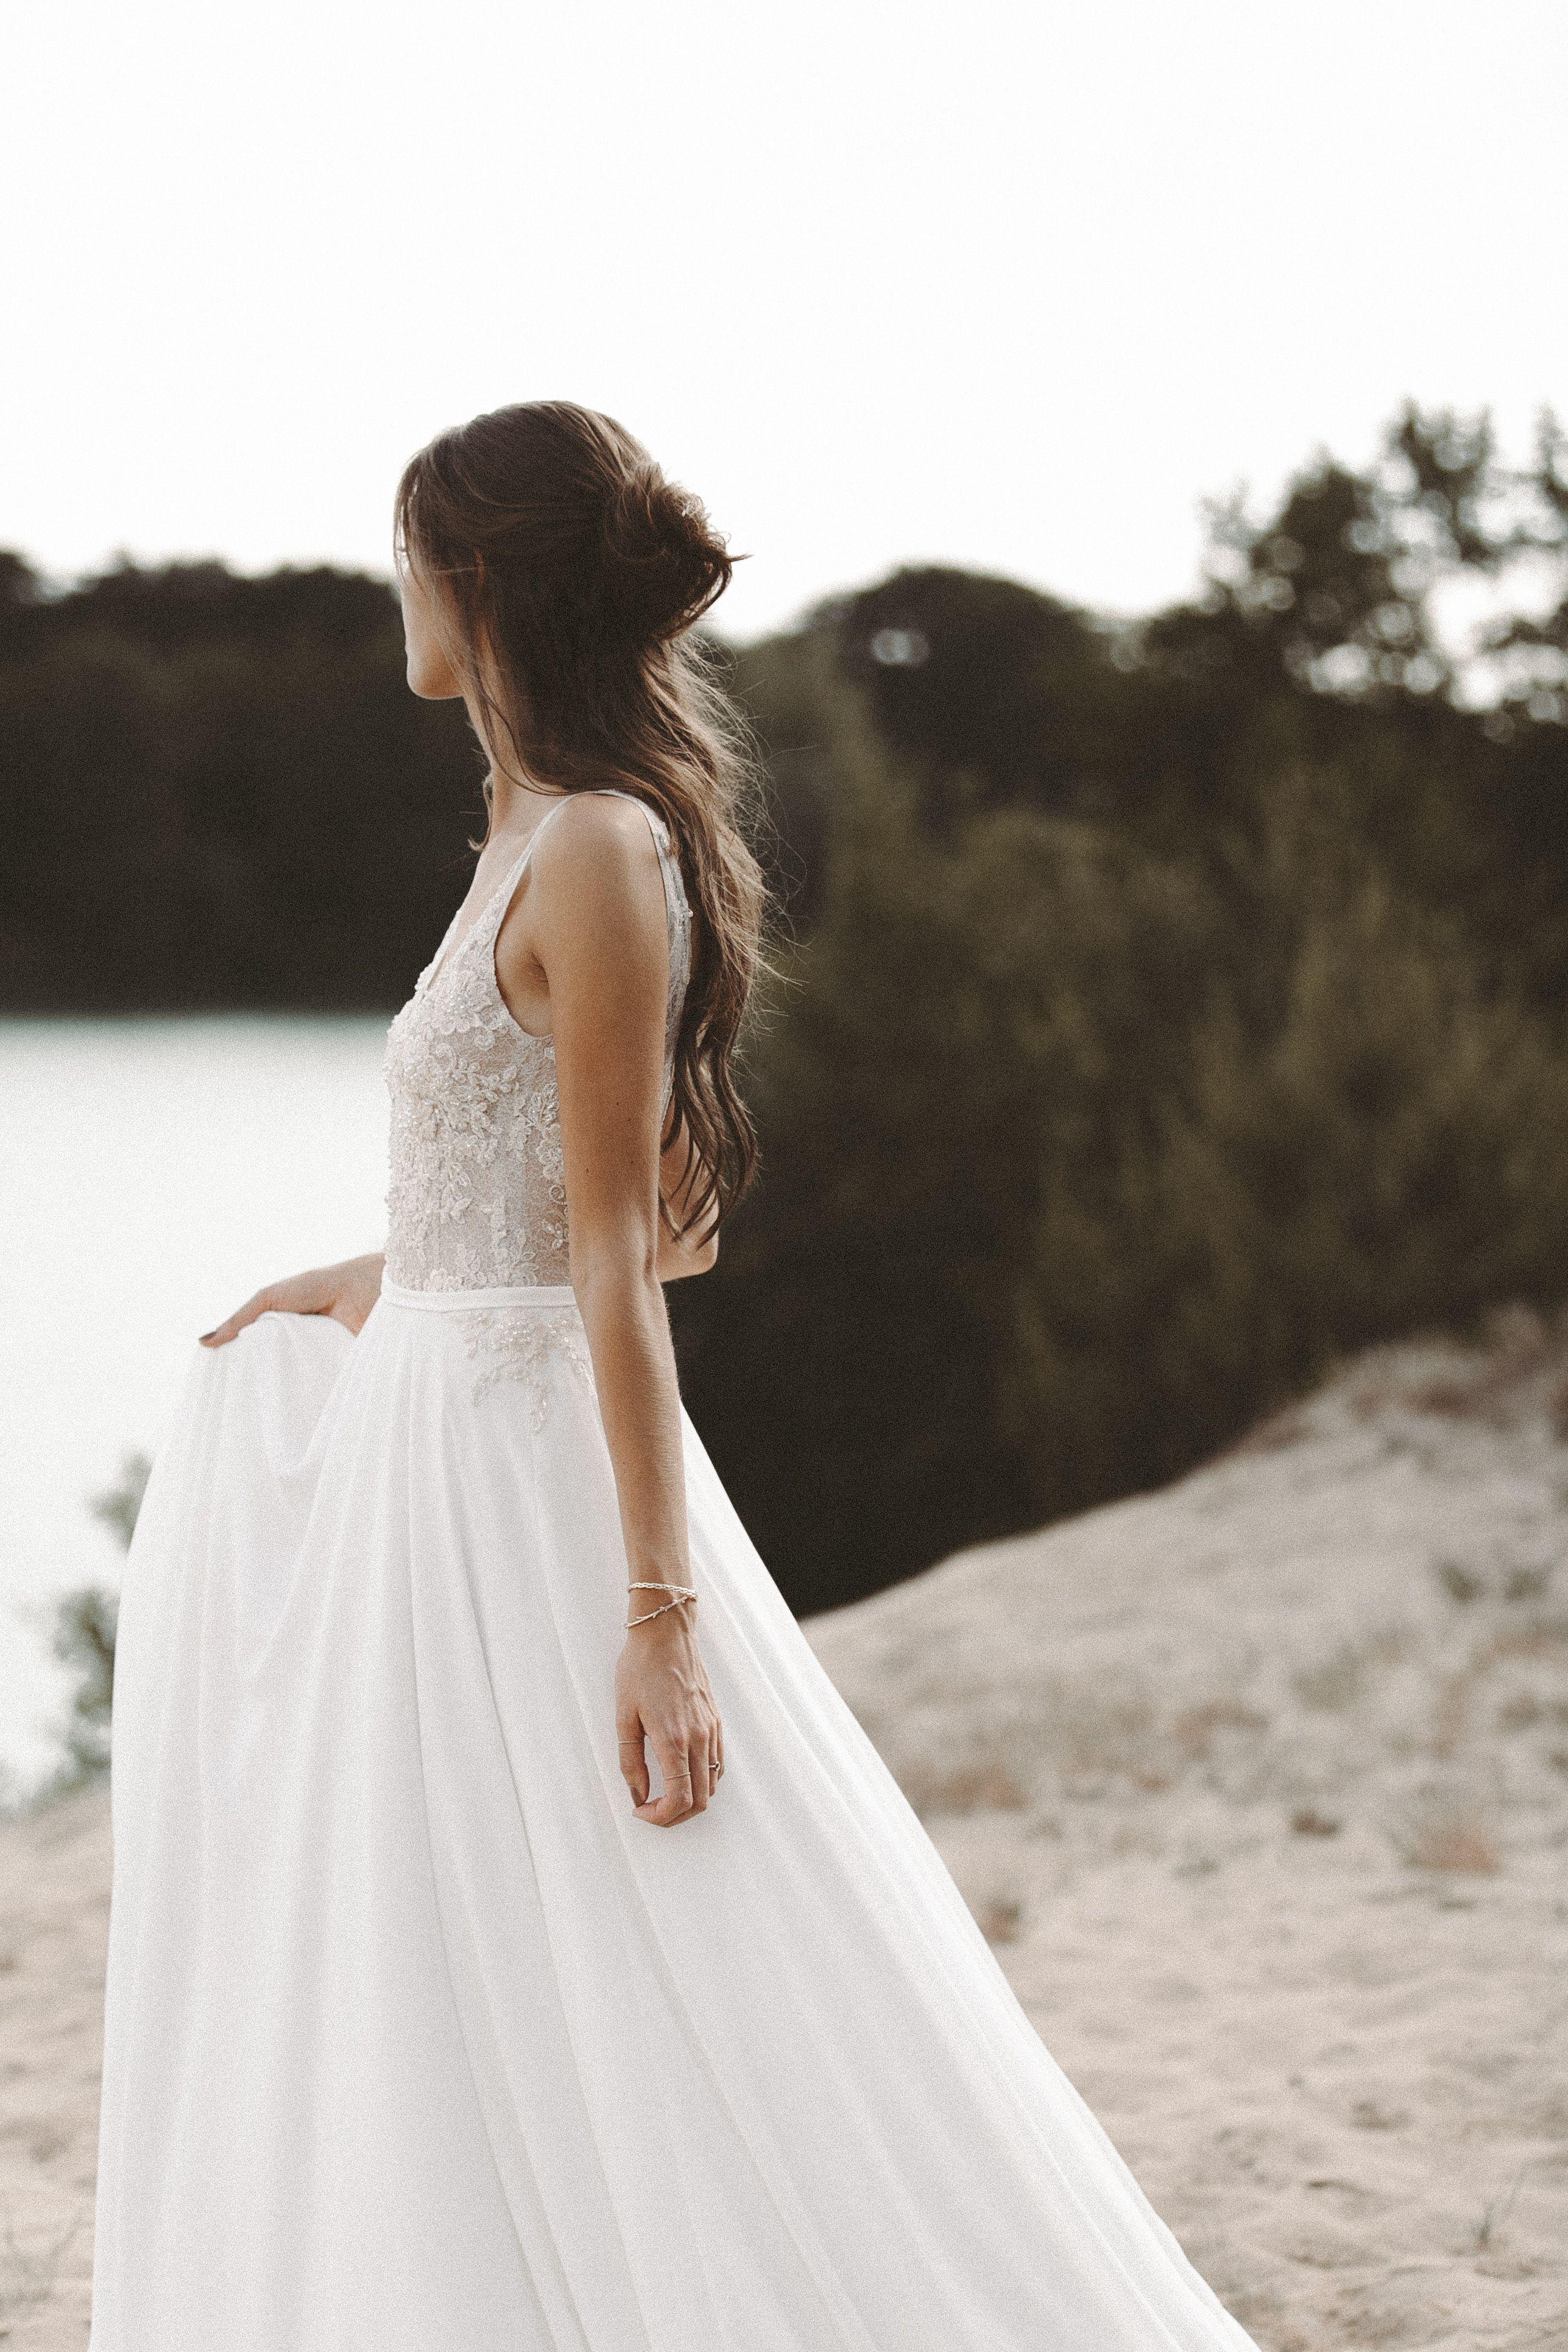 Fliessendes Brautkleid aus Spitze mit tiefem Rückenausschnitt